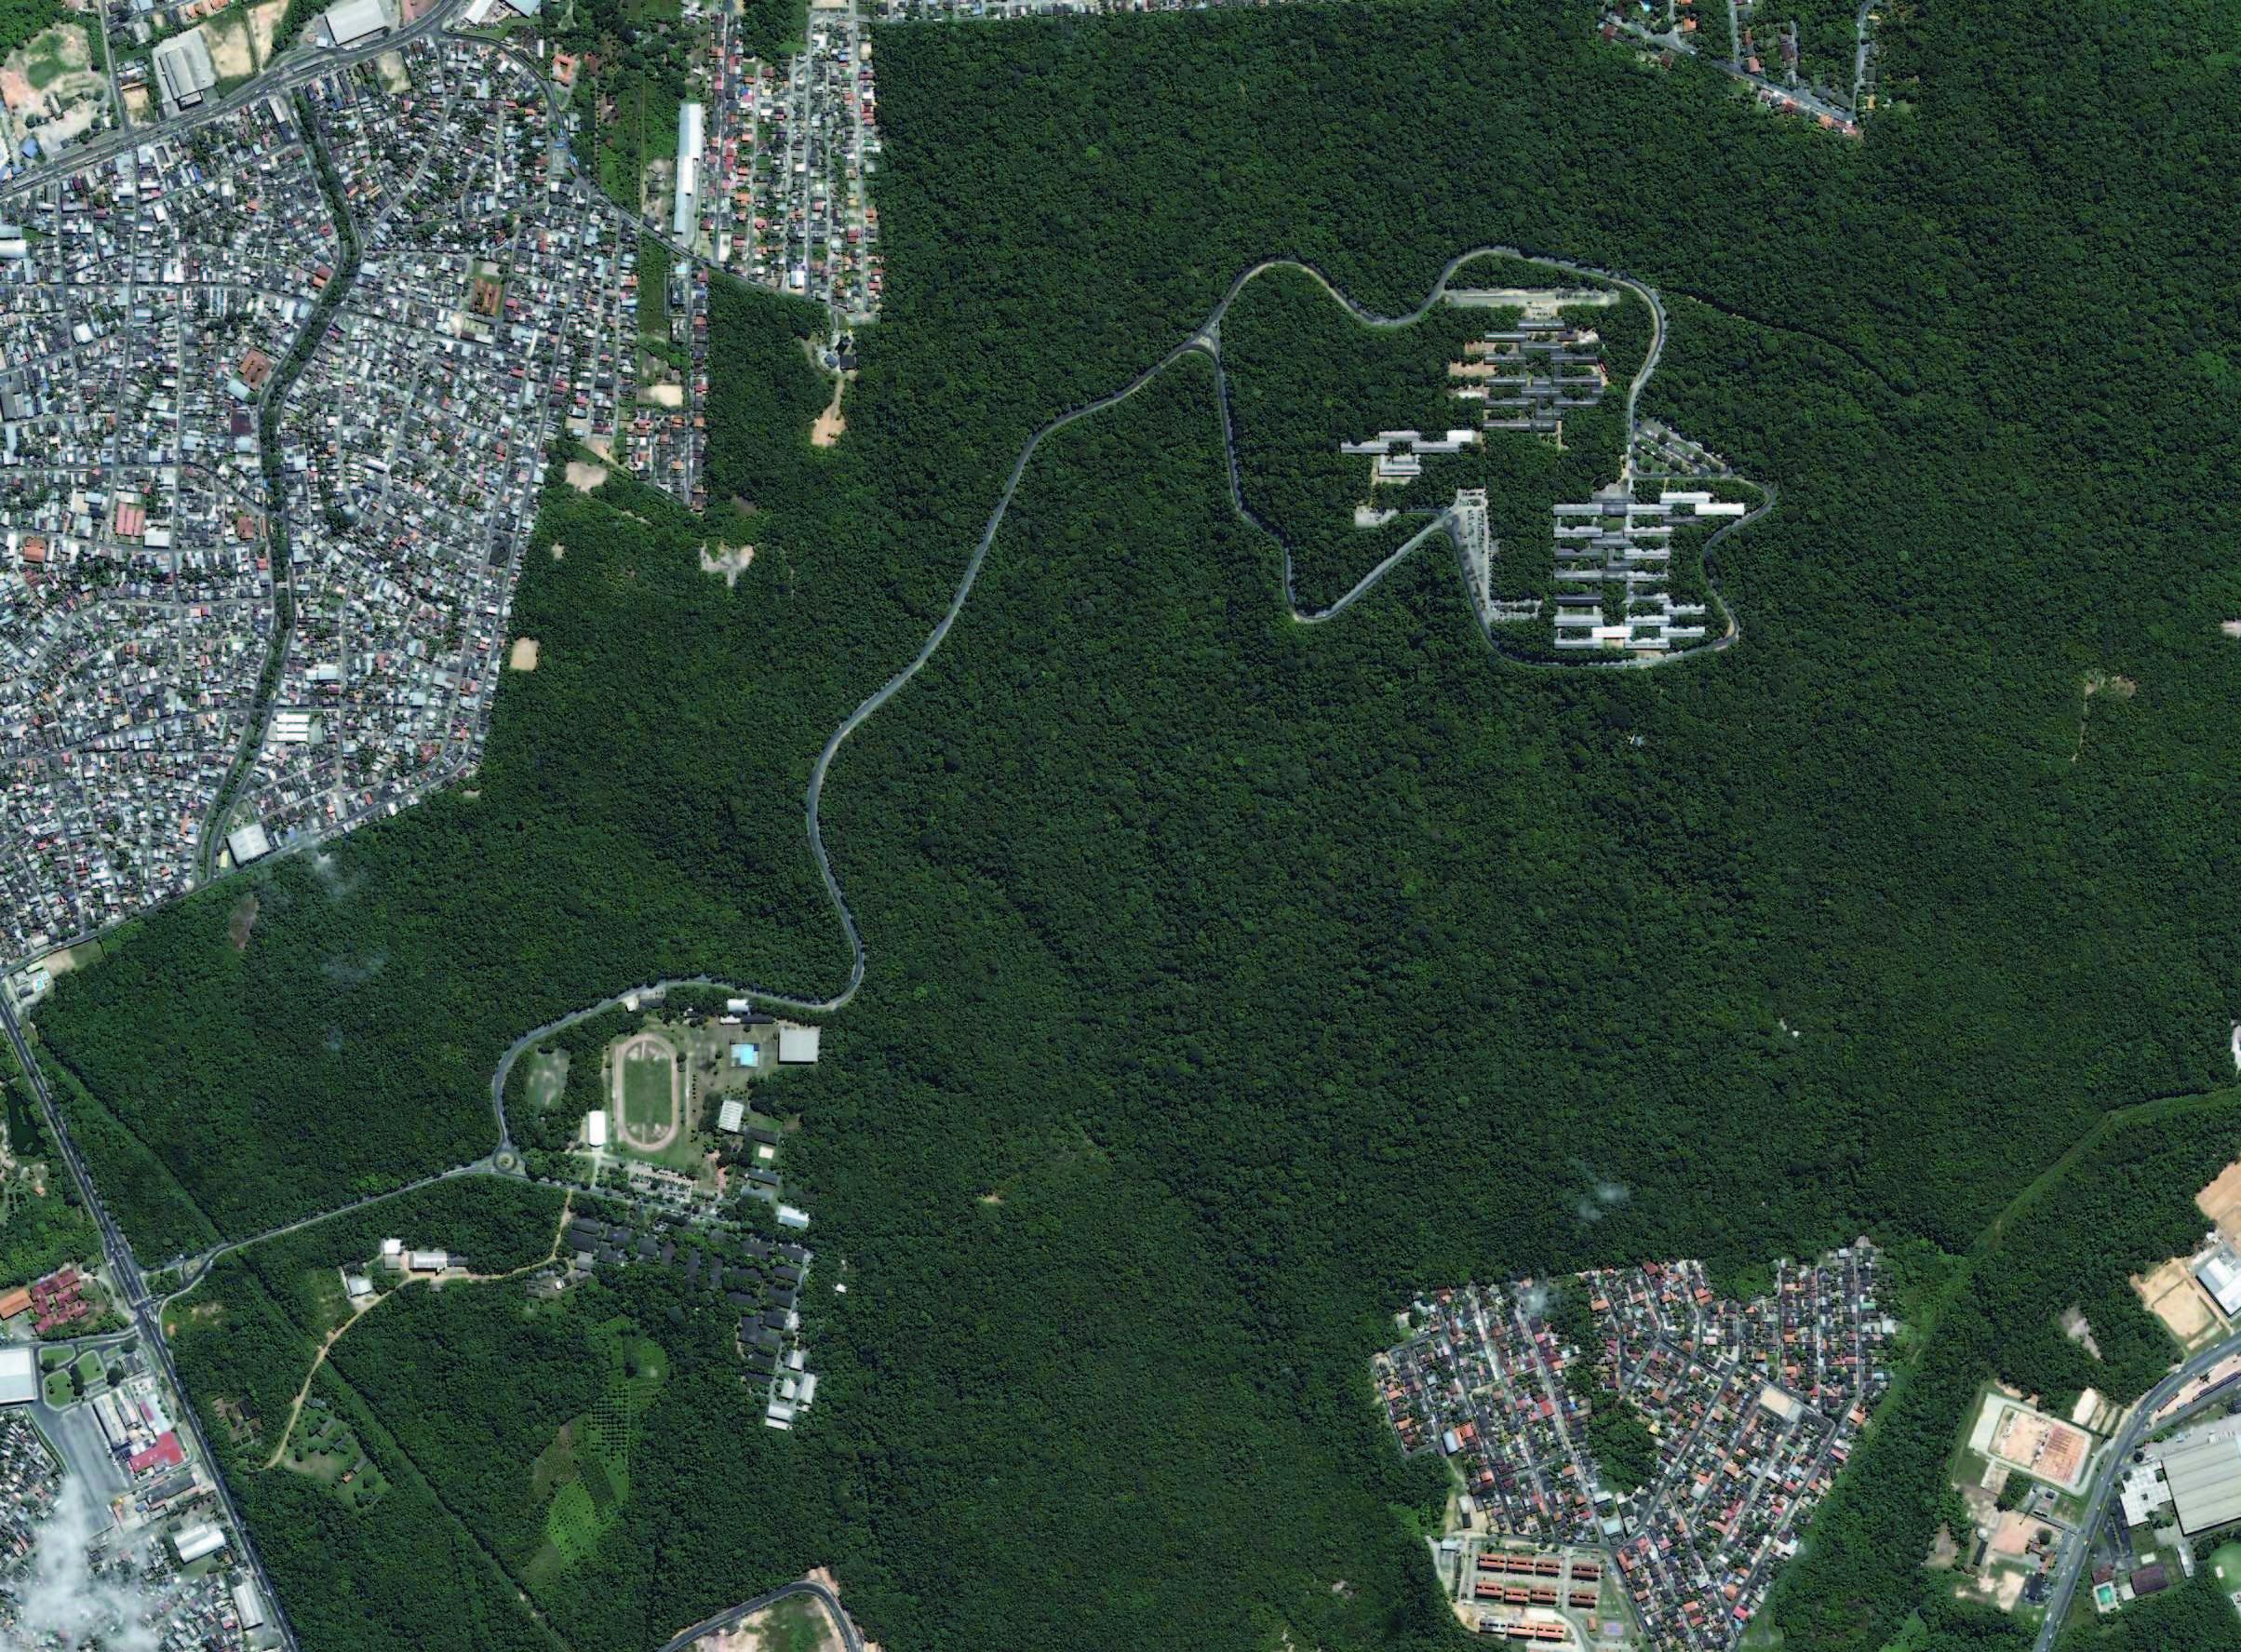 Vista aérea do Campus Universitário da Ufam